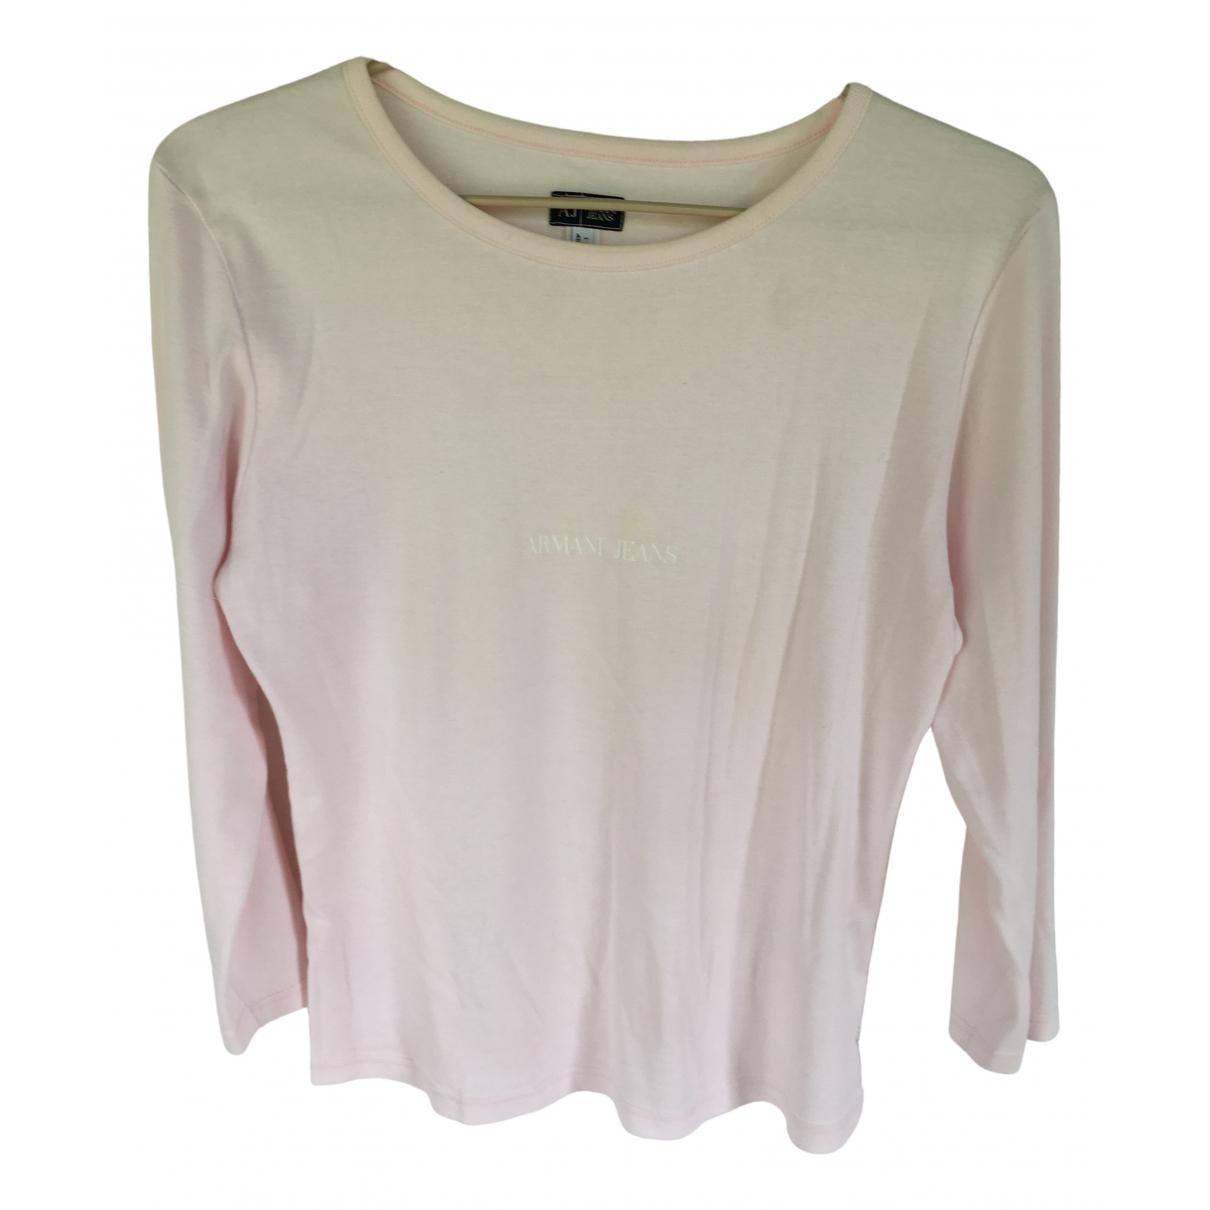 Armani Jean - Top   pour femme en coton - rose